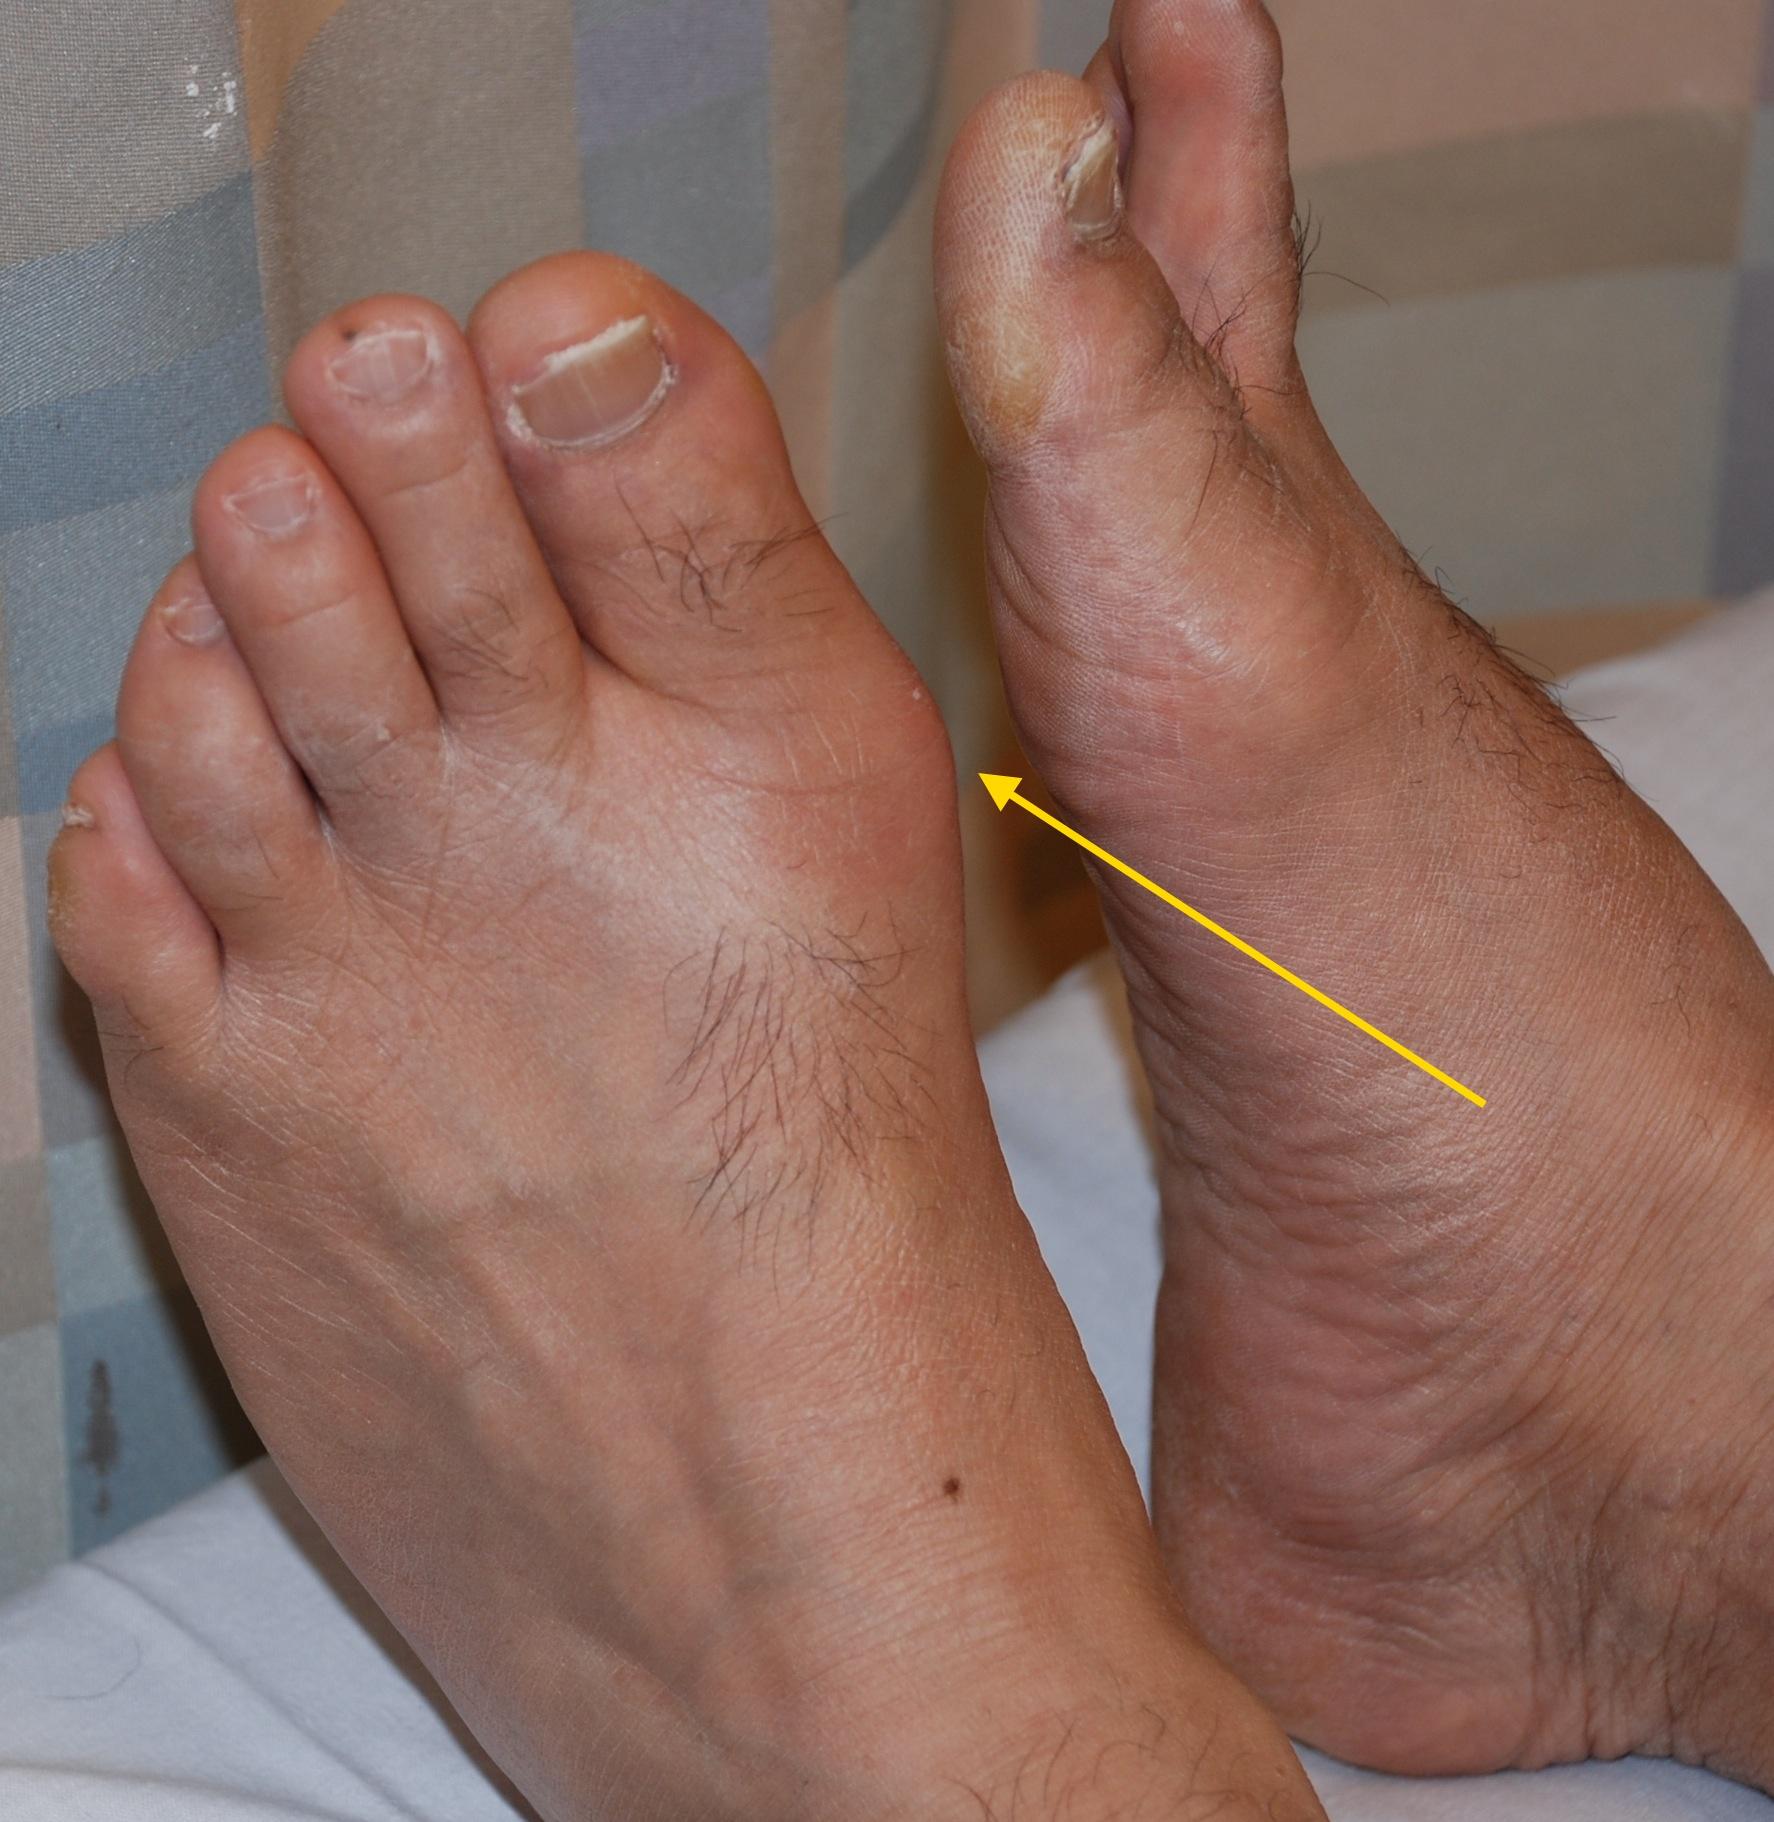 Народная медицина артрит и подагра фото